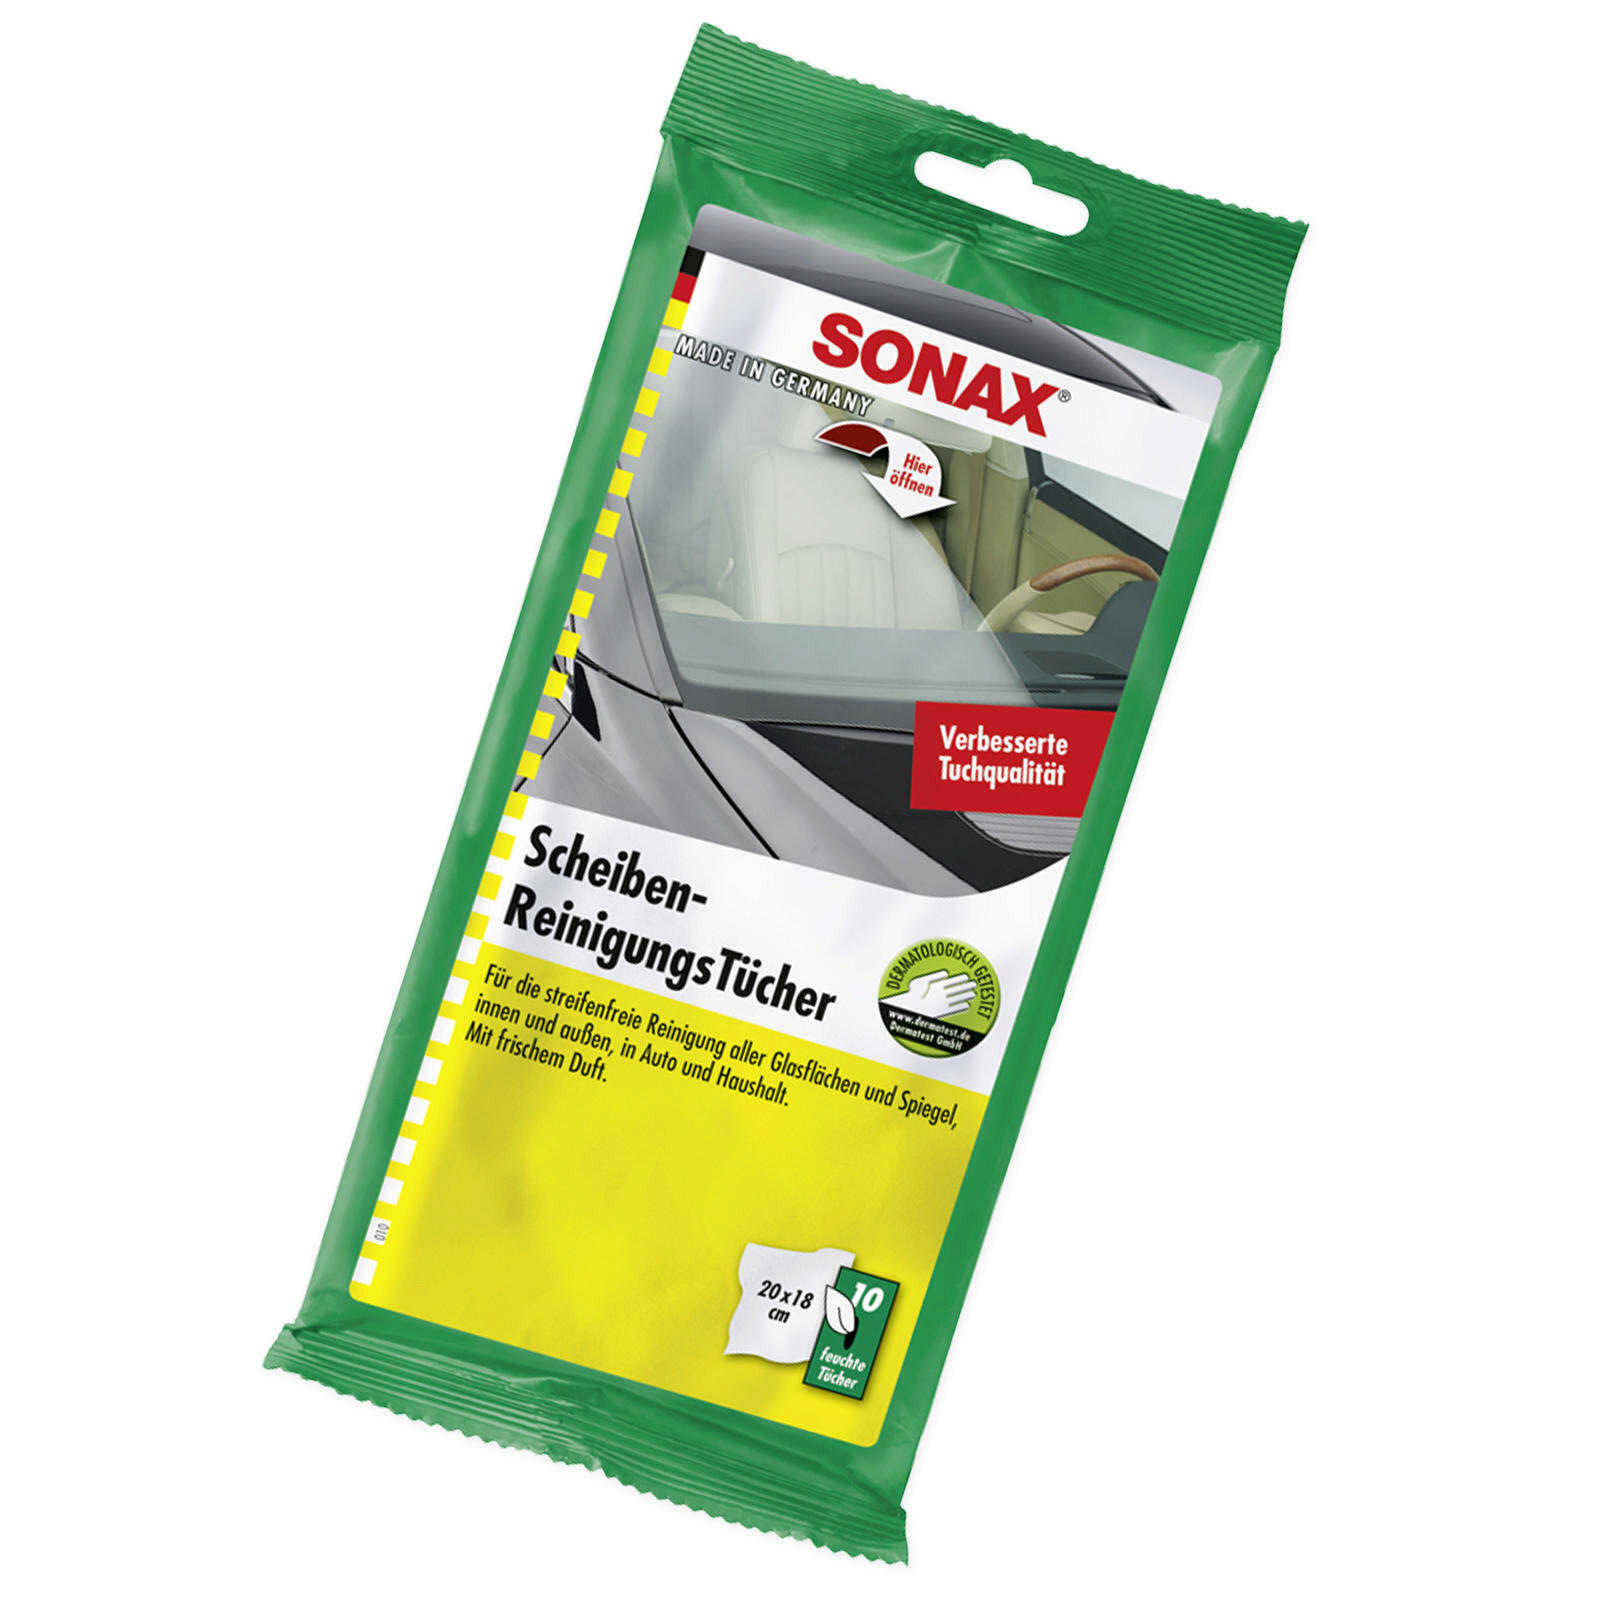 SONAX ScheibenReinigungsTücher